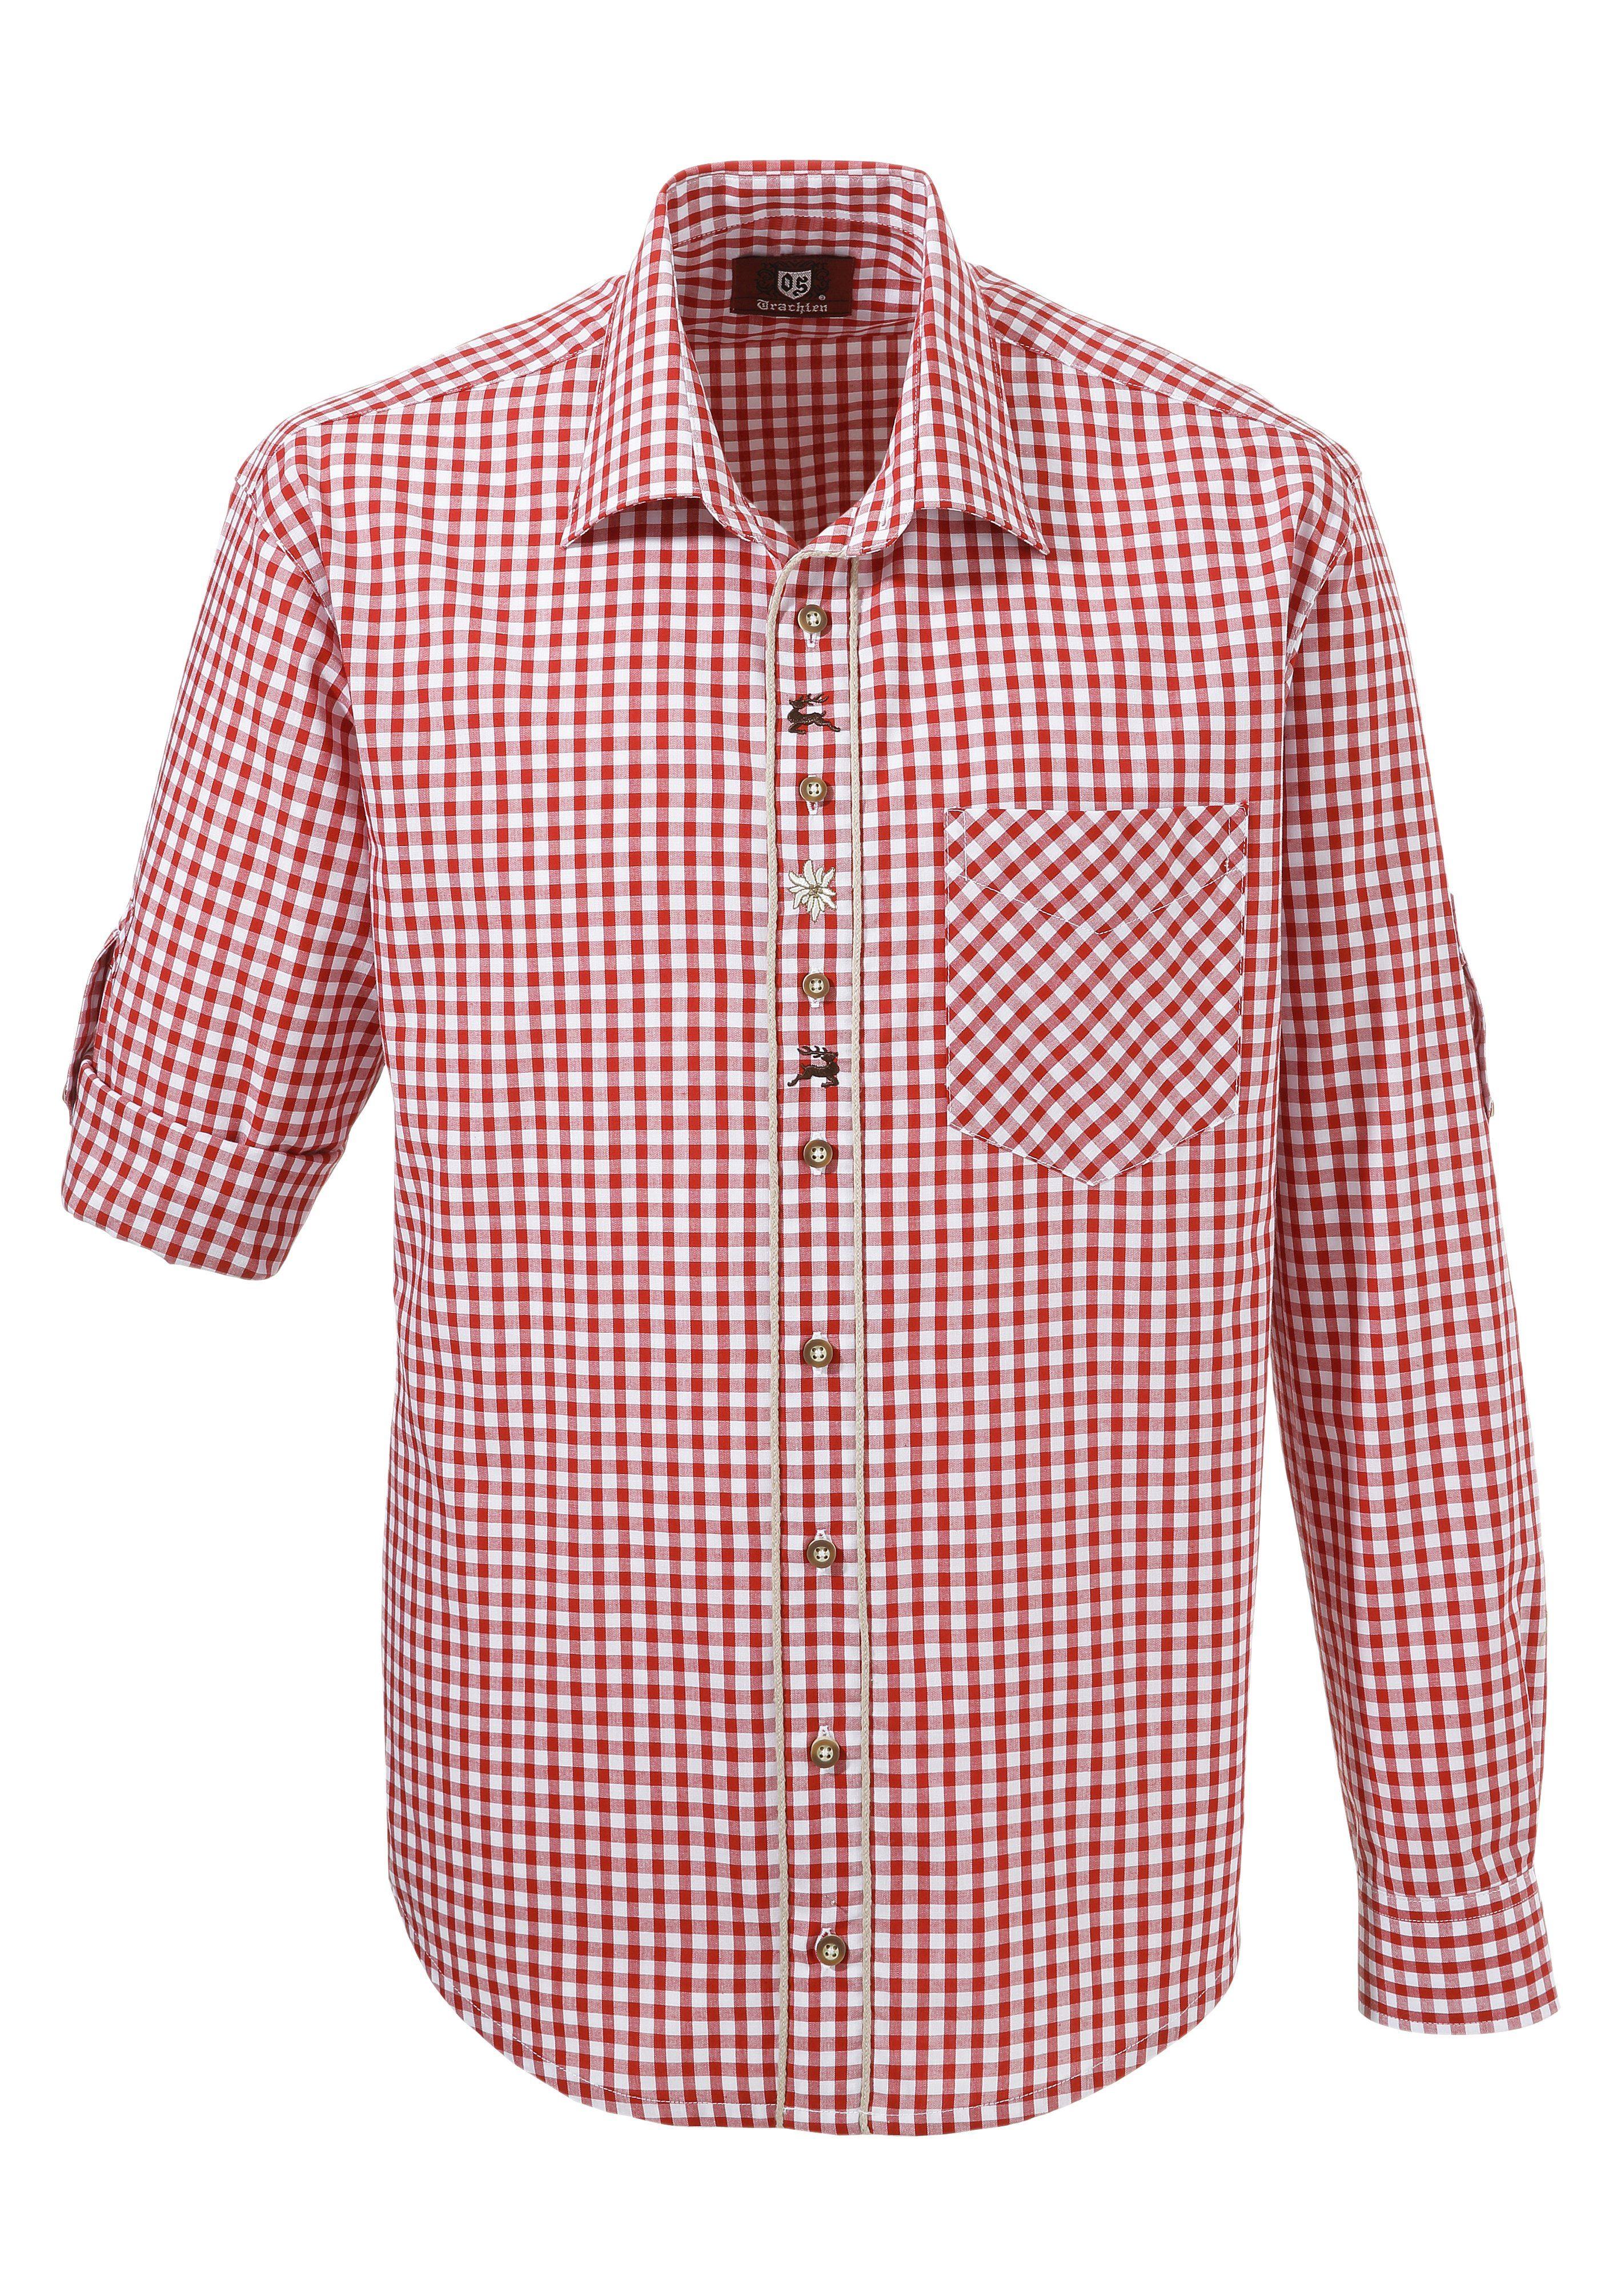 OS-Trachten Trachtenhemd mit Krempelärmel   Bekleidung > Hemden > Trachtenhemden   Rot   Os-Trachten